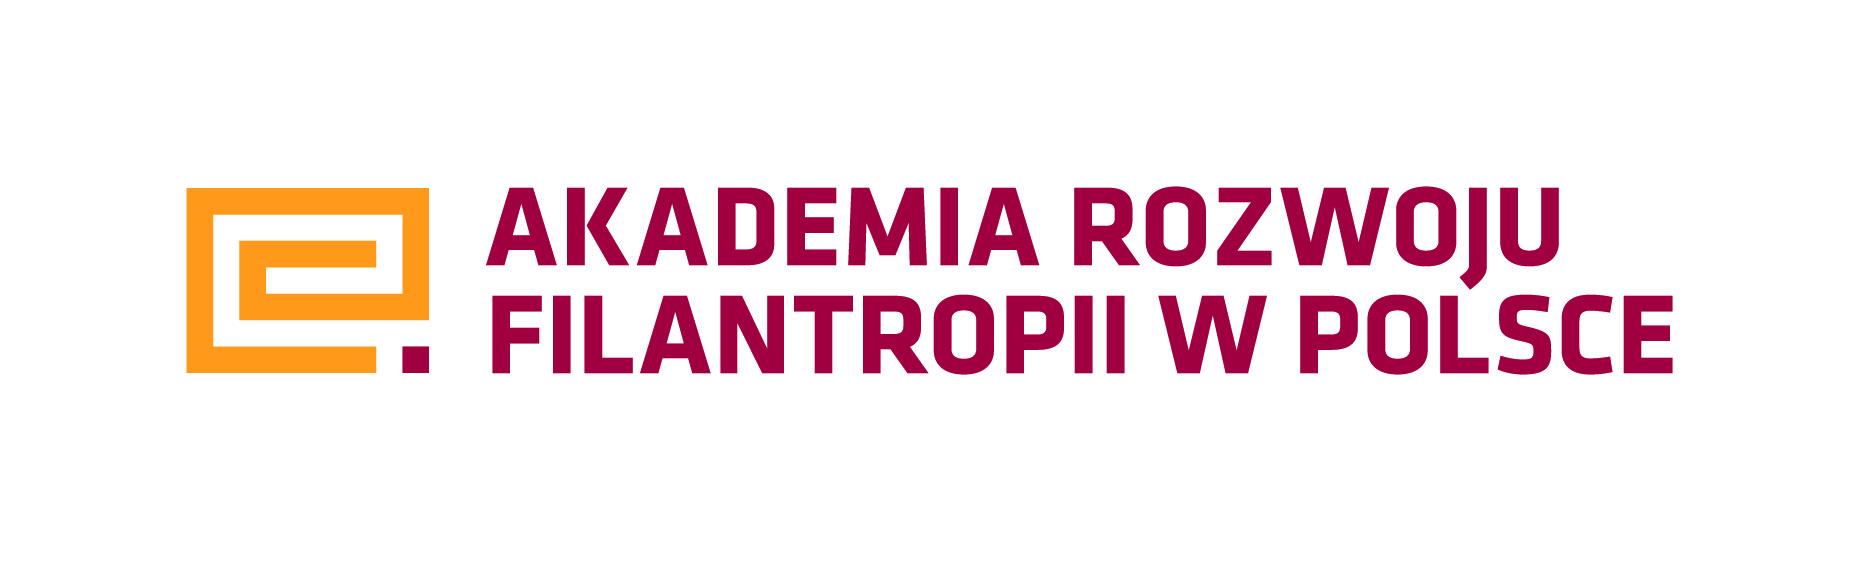 Znalezione obrazy dla zapytania akademia rozwoju filantropii w Polsce